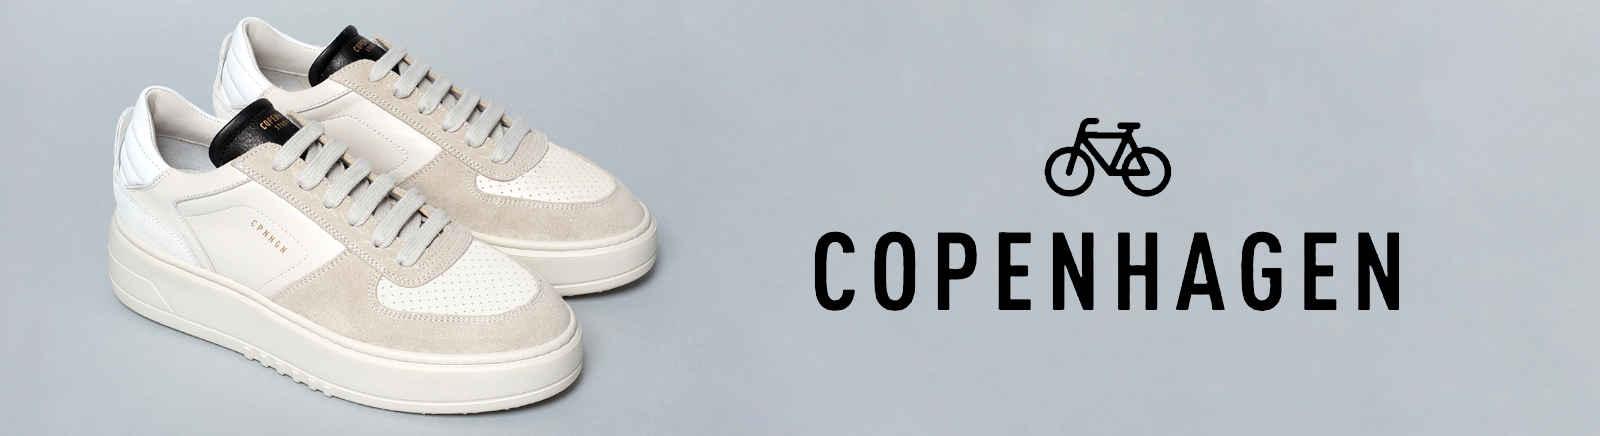 Copenhagen Schuhe für Damen online kaufen im GISY Shop